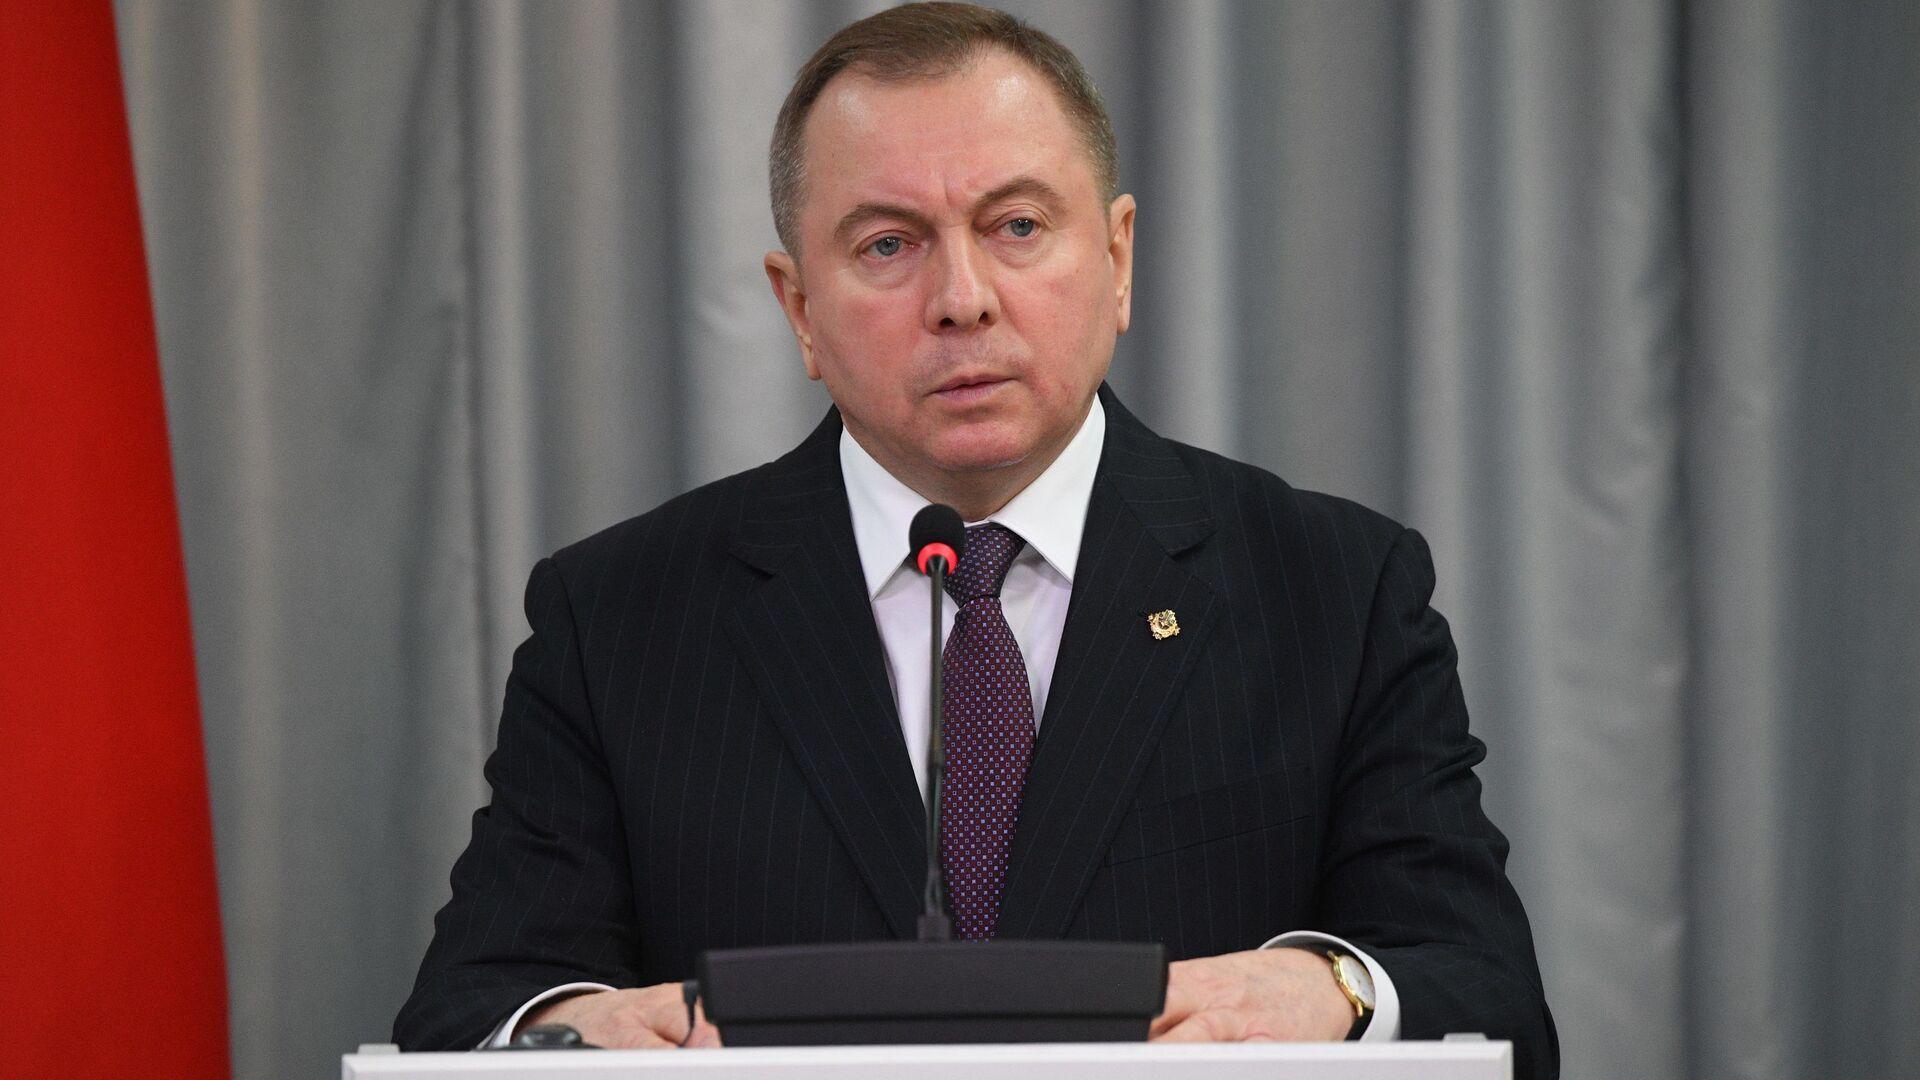 Министр иностранных дел Беларуси Владимир Макей - Sputnik Беларусь, 1920, 07.04.2021